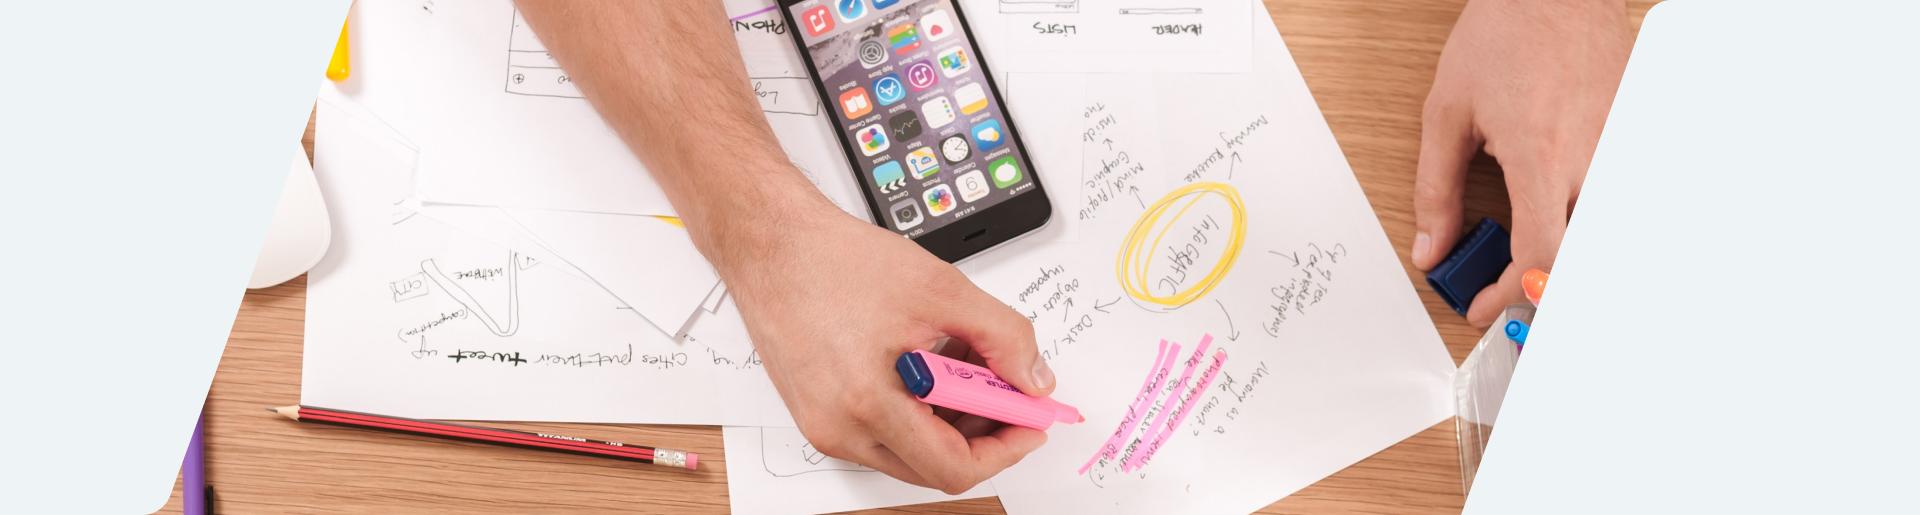 web app development bridges the communication gap